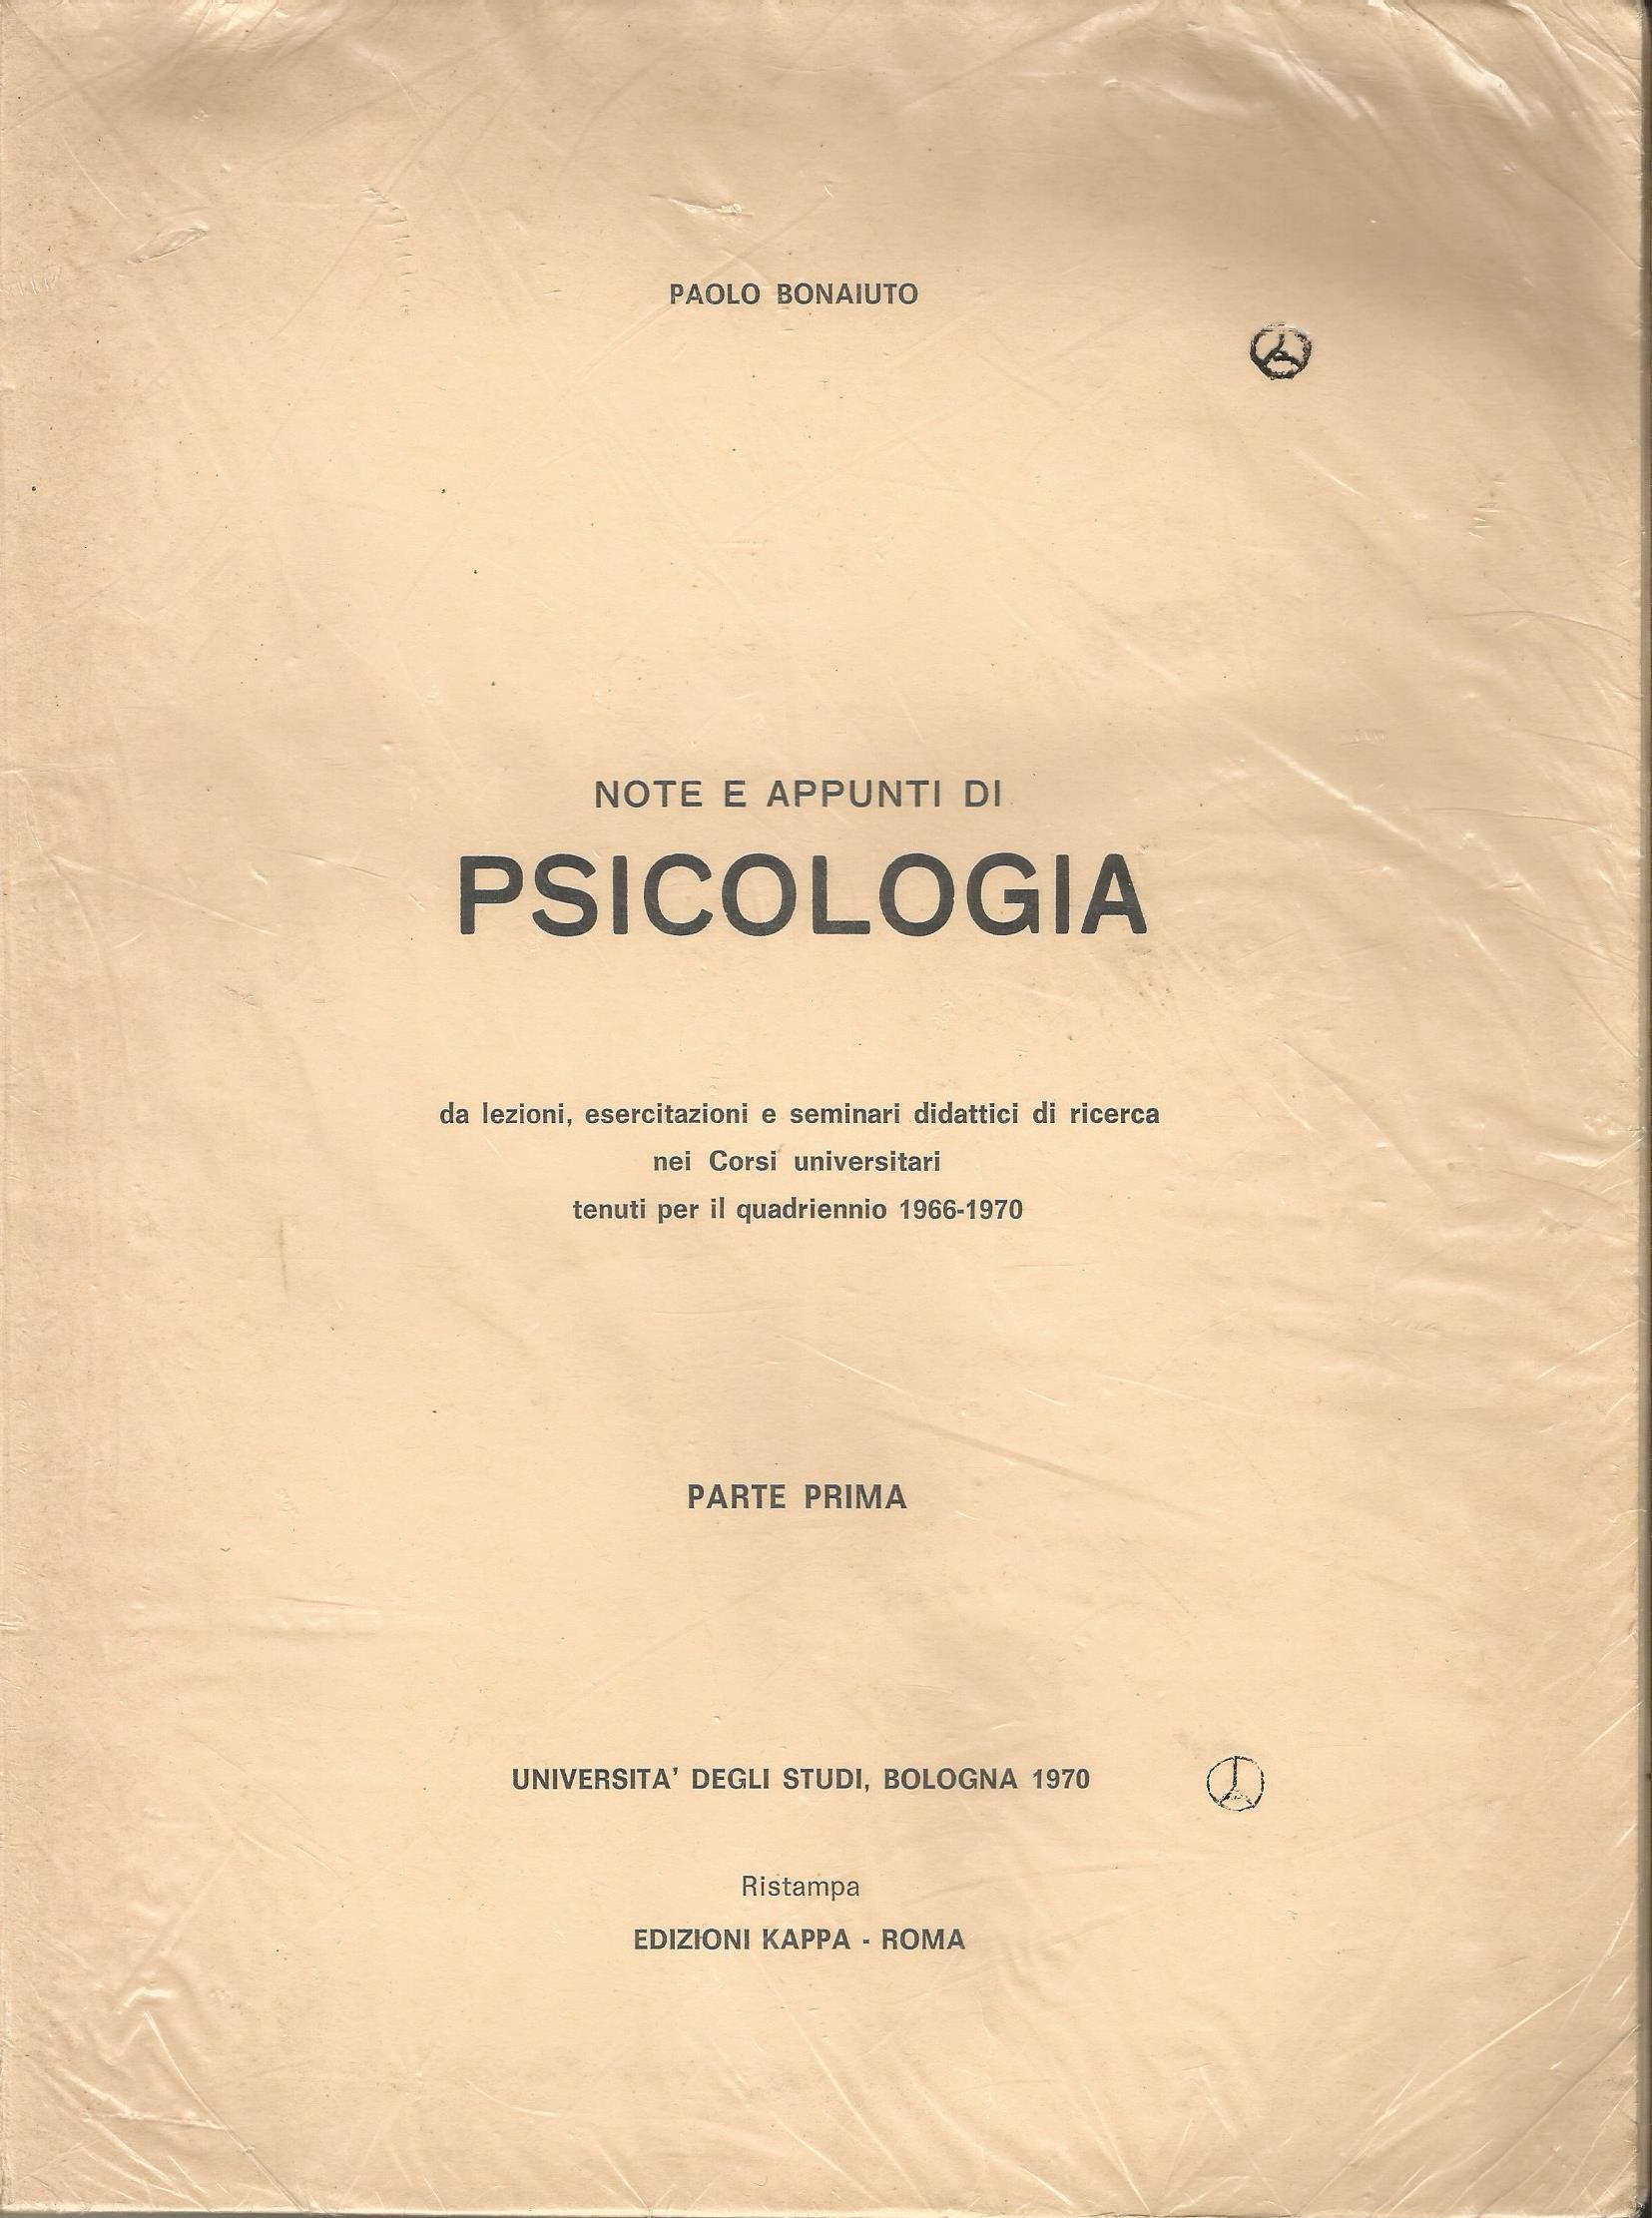 Note e appunti di psicologia, parte prima